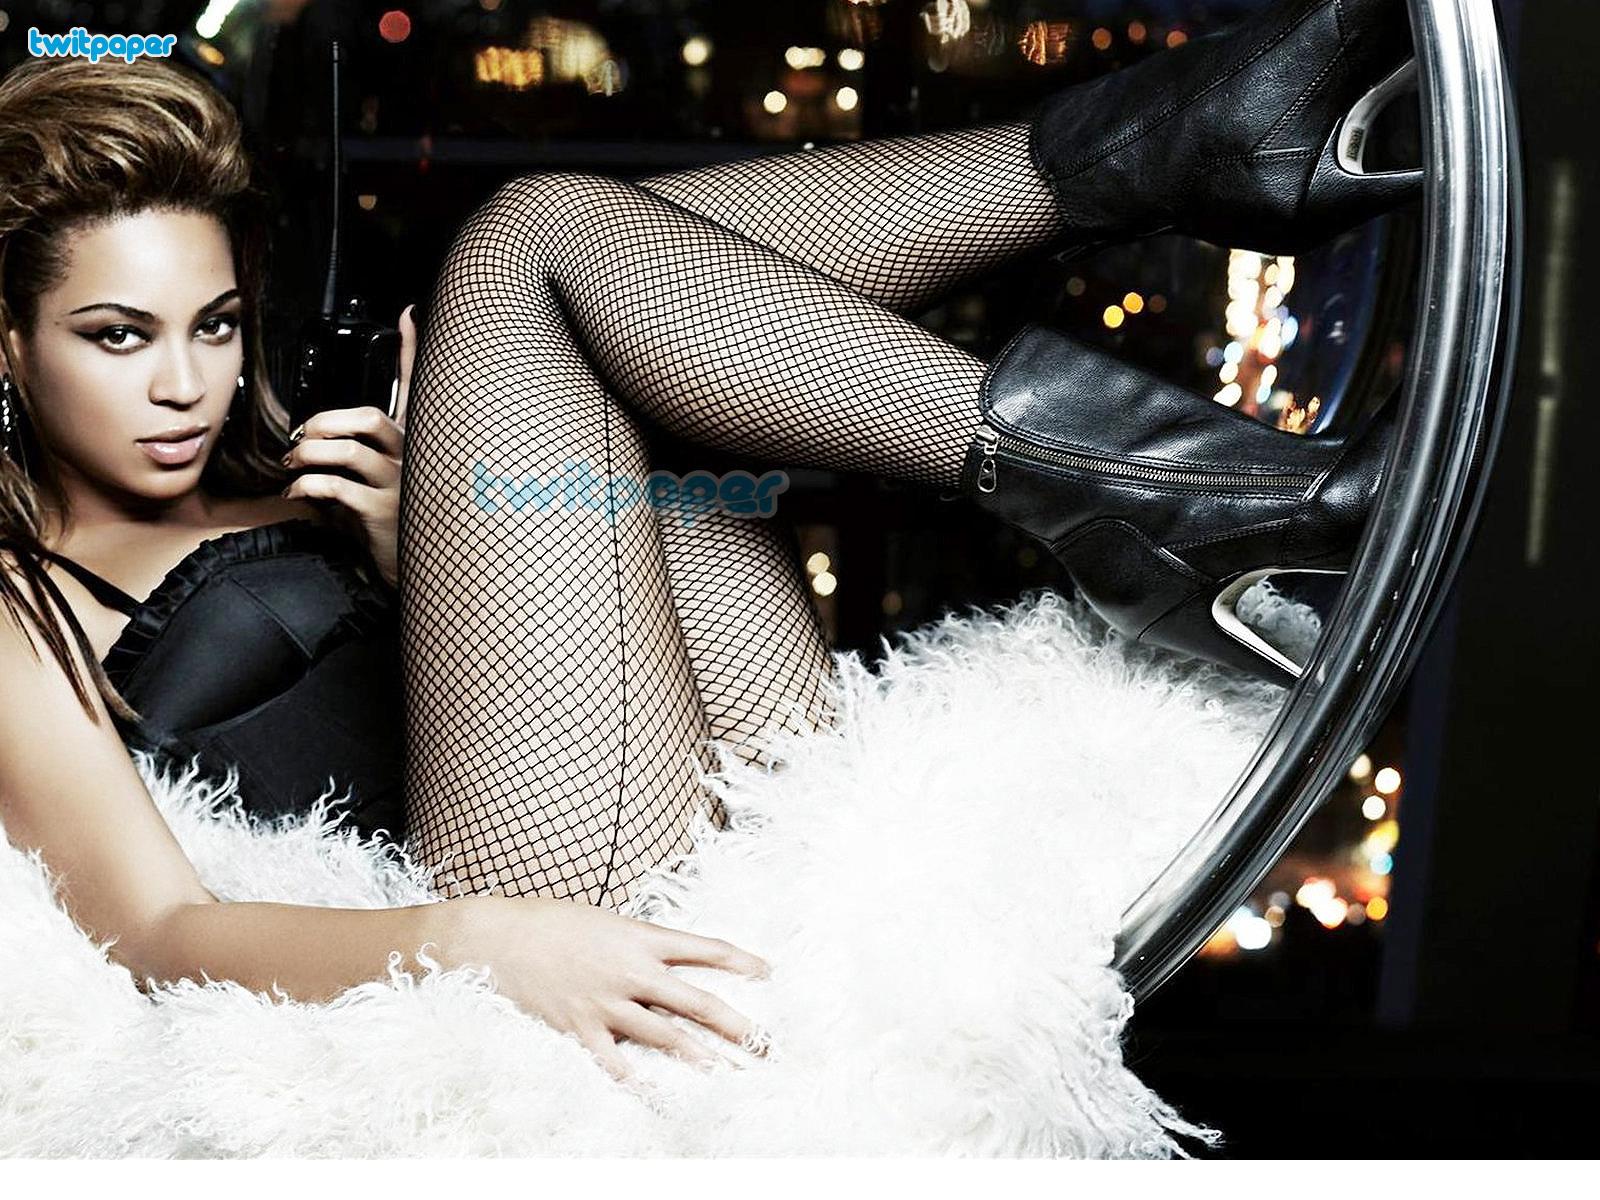 http://3.bp.blogspot.com/-0iSmQhOPagQ/TY83UetNamI/AAAAAAAAAA8/_b5Ng54Qdfs/s1600/beyonce_sexy_dl.jpg